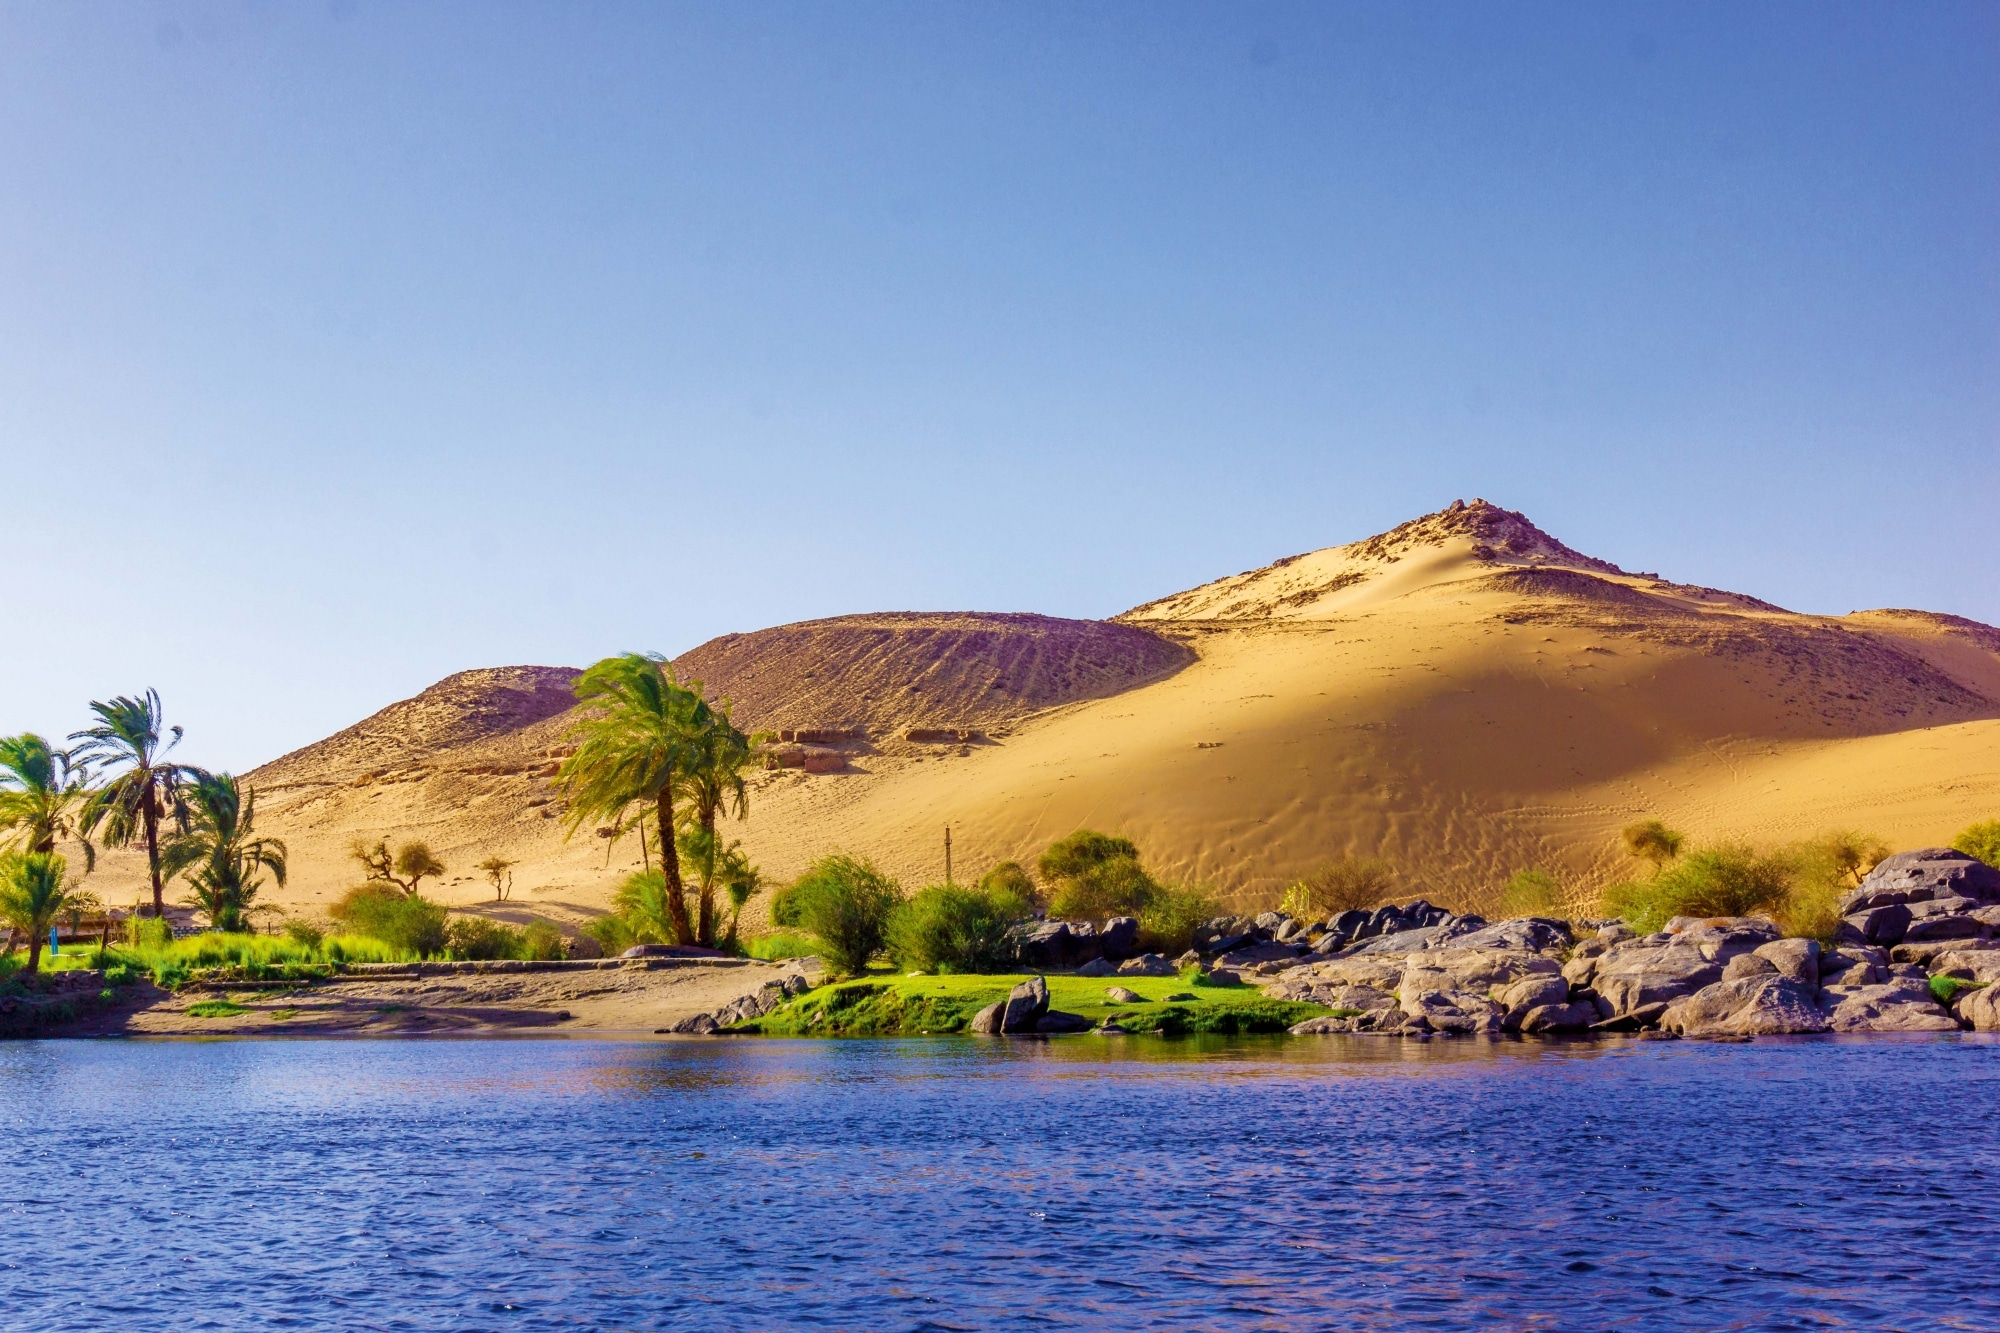 Flusskreuzfahrt Nil